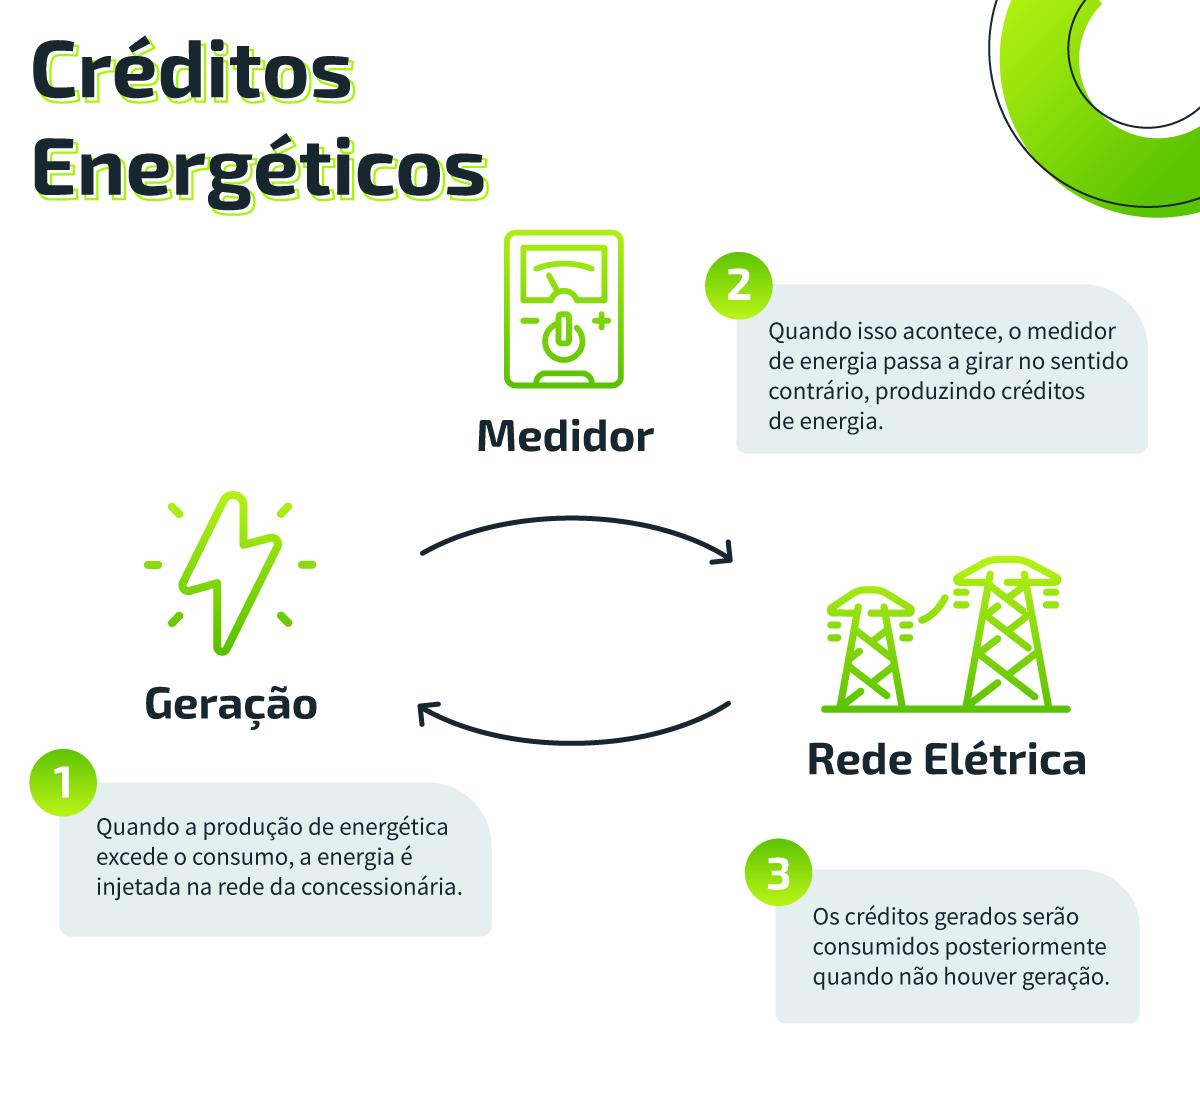 credito-energia-comerc